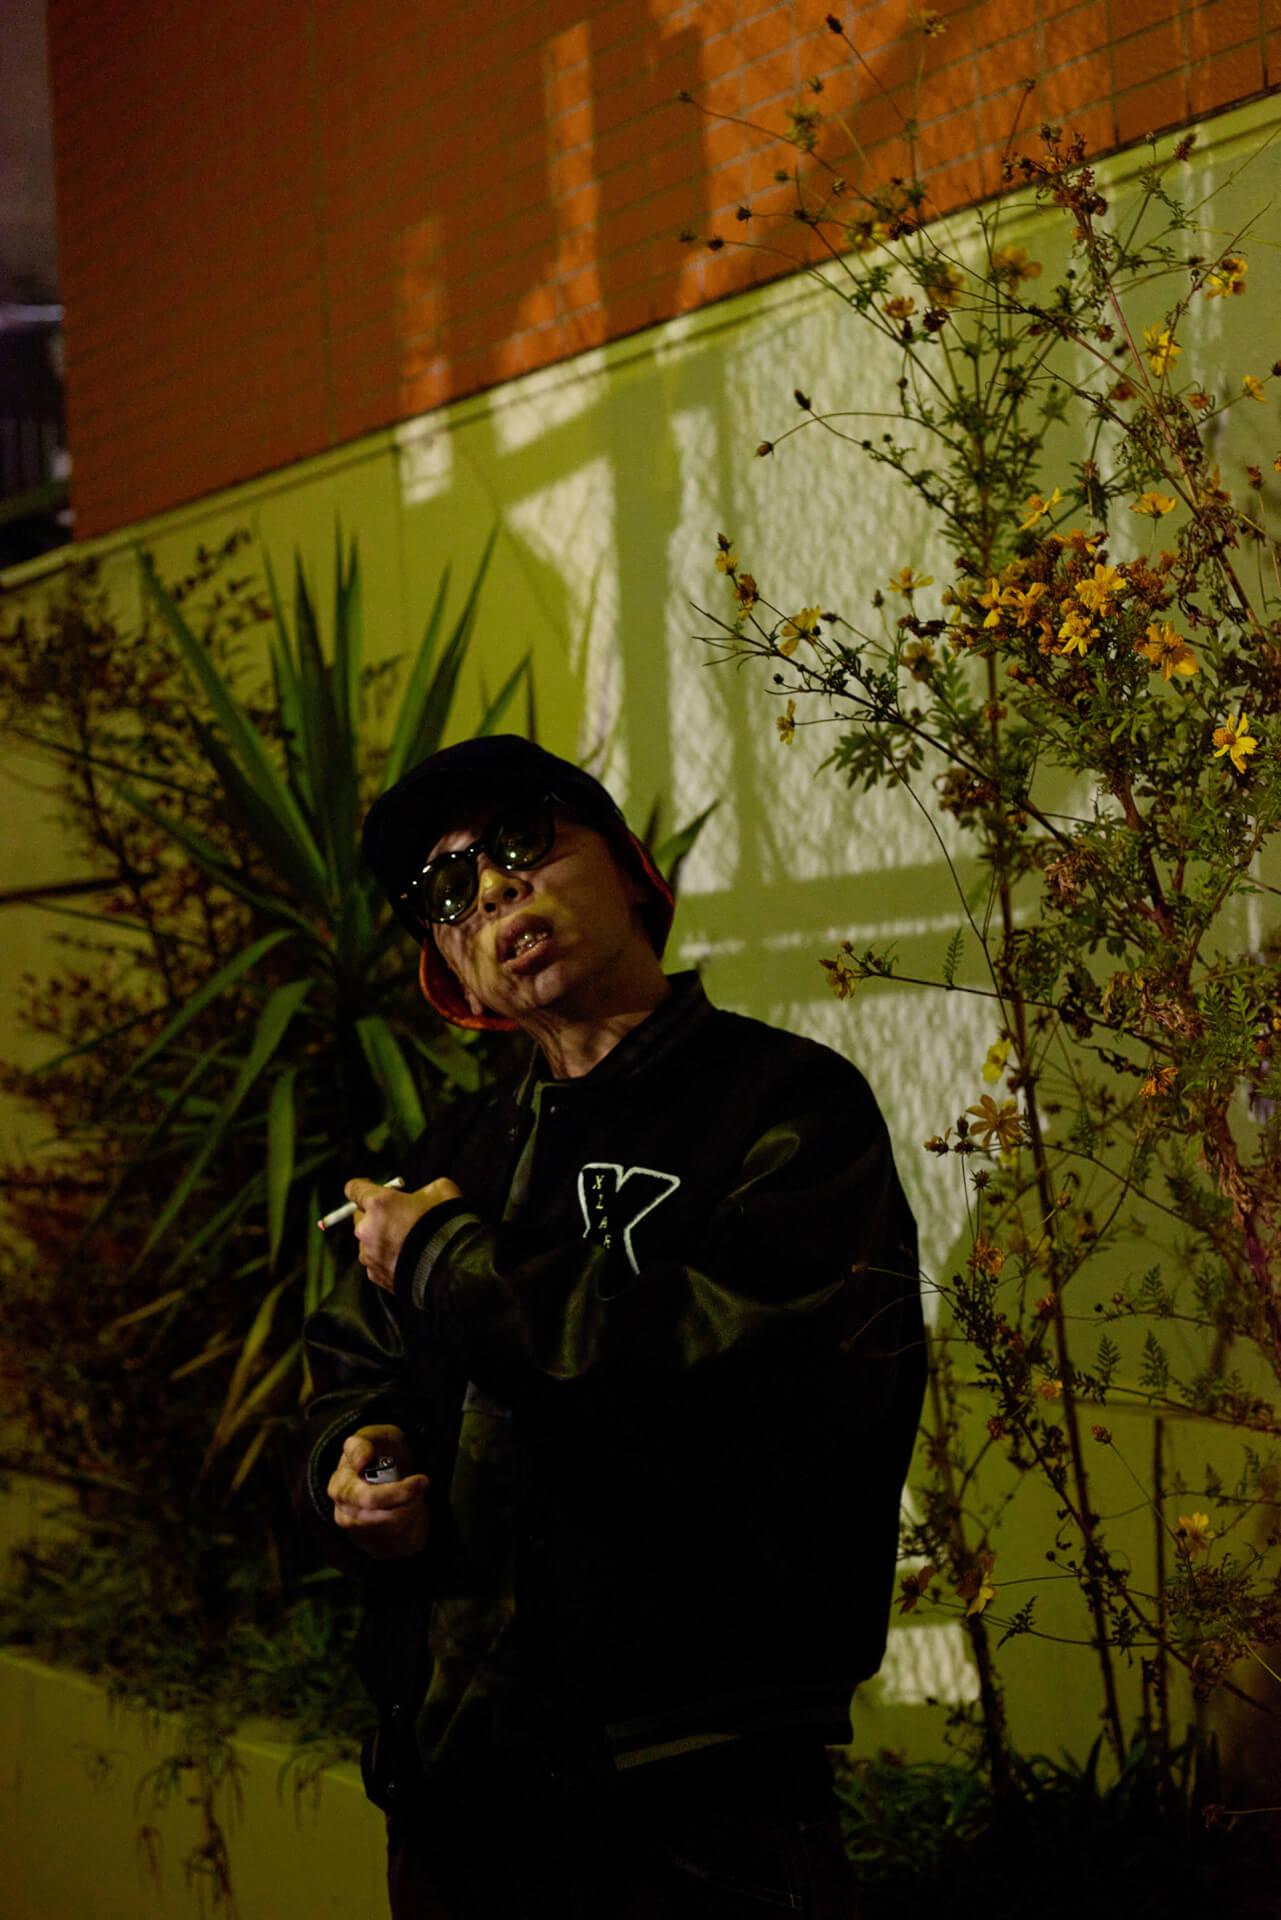 アートブックノススメ:番外編|rkemishi - 『悪党の詩』/D.O art210503_book_rkemishi_1